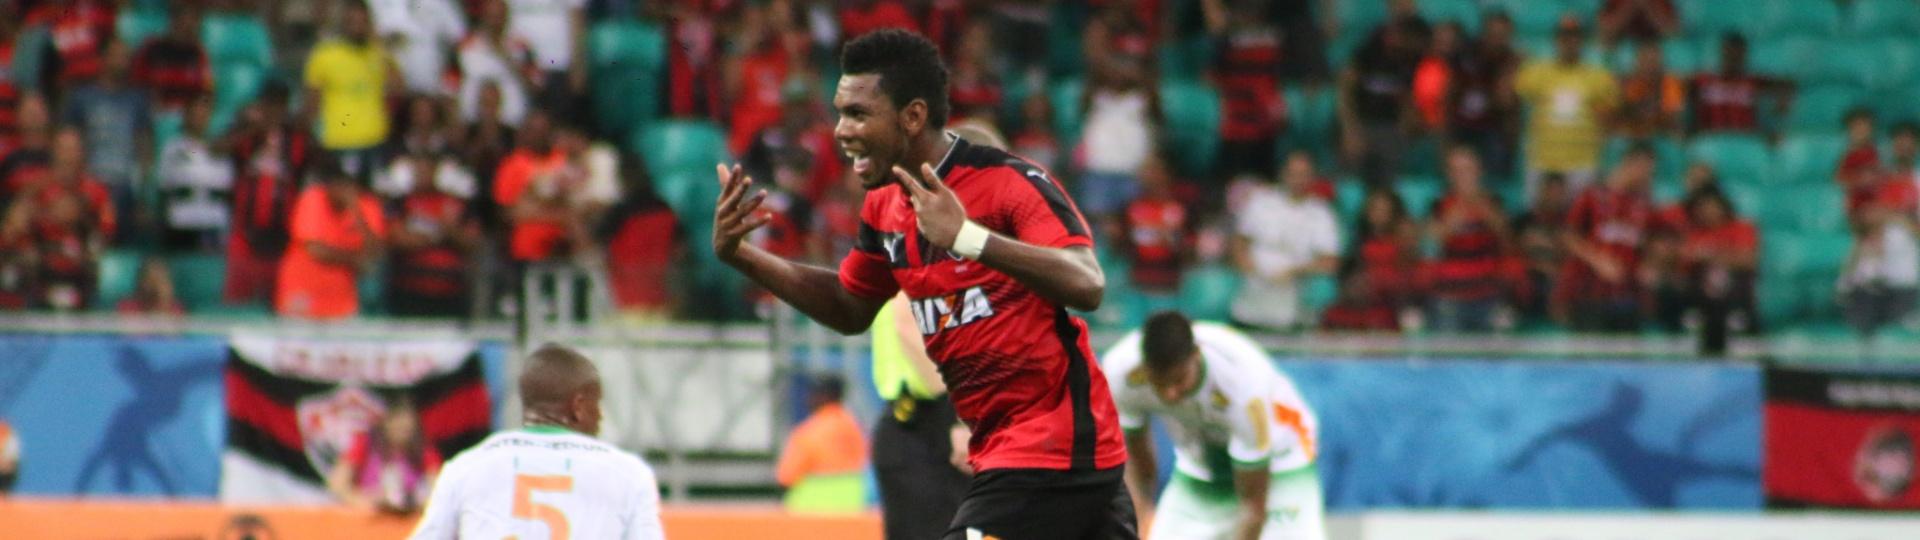 Marcelo festeja gol do Vitória contra o América-MG